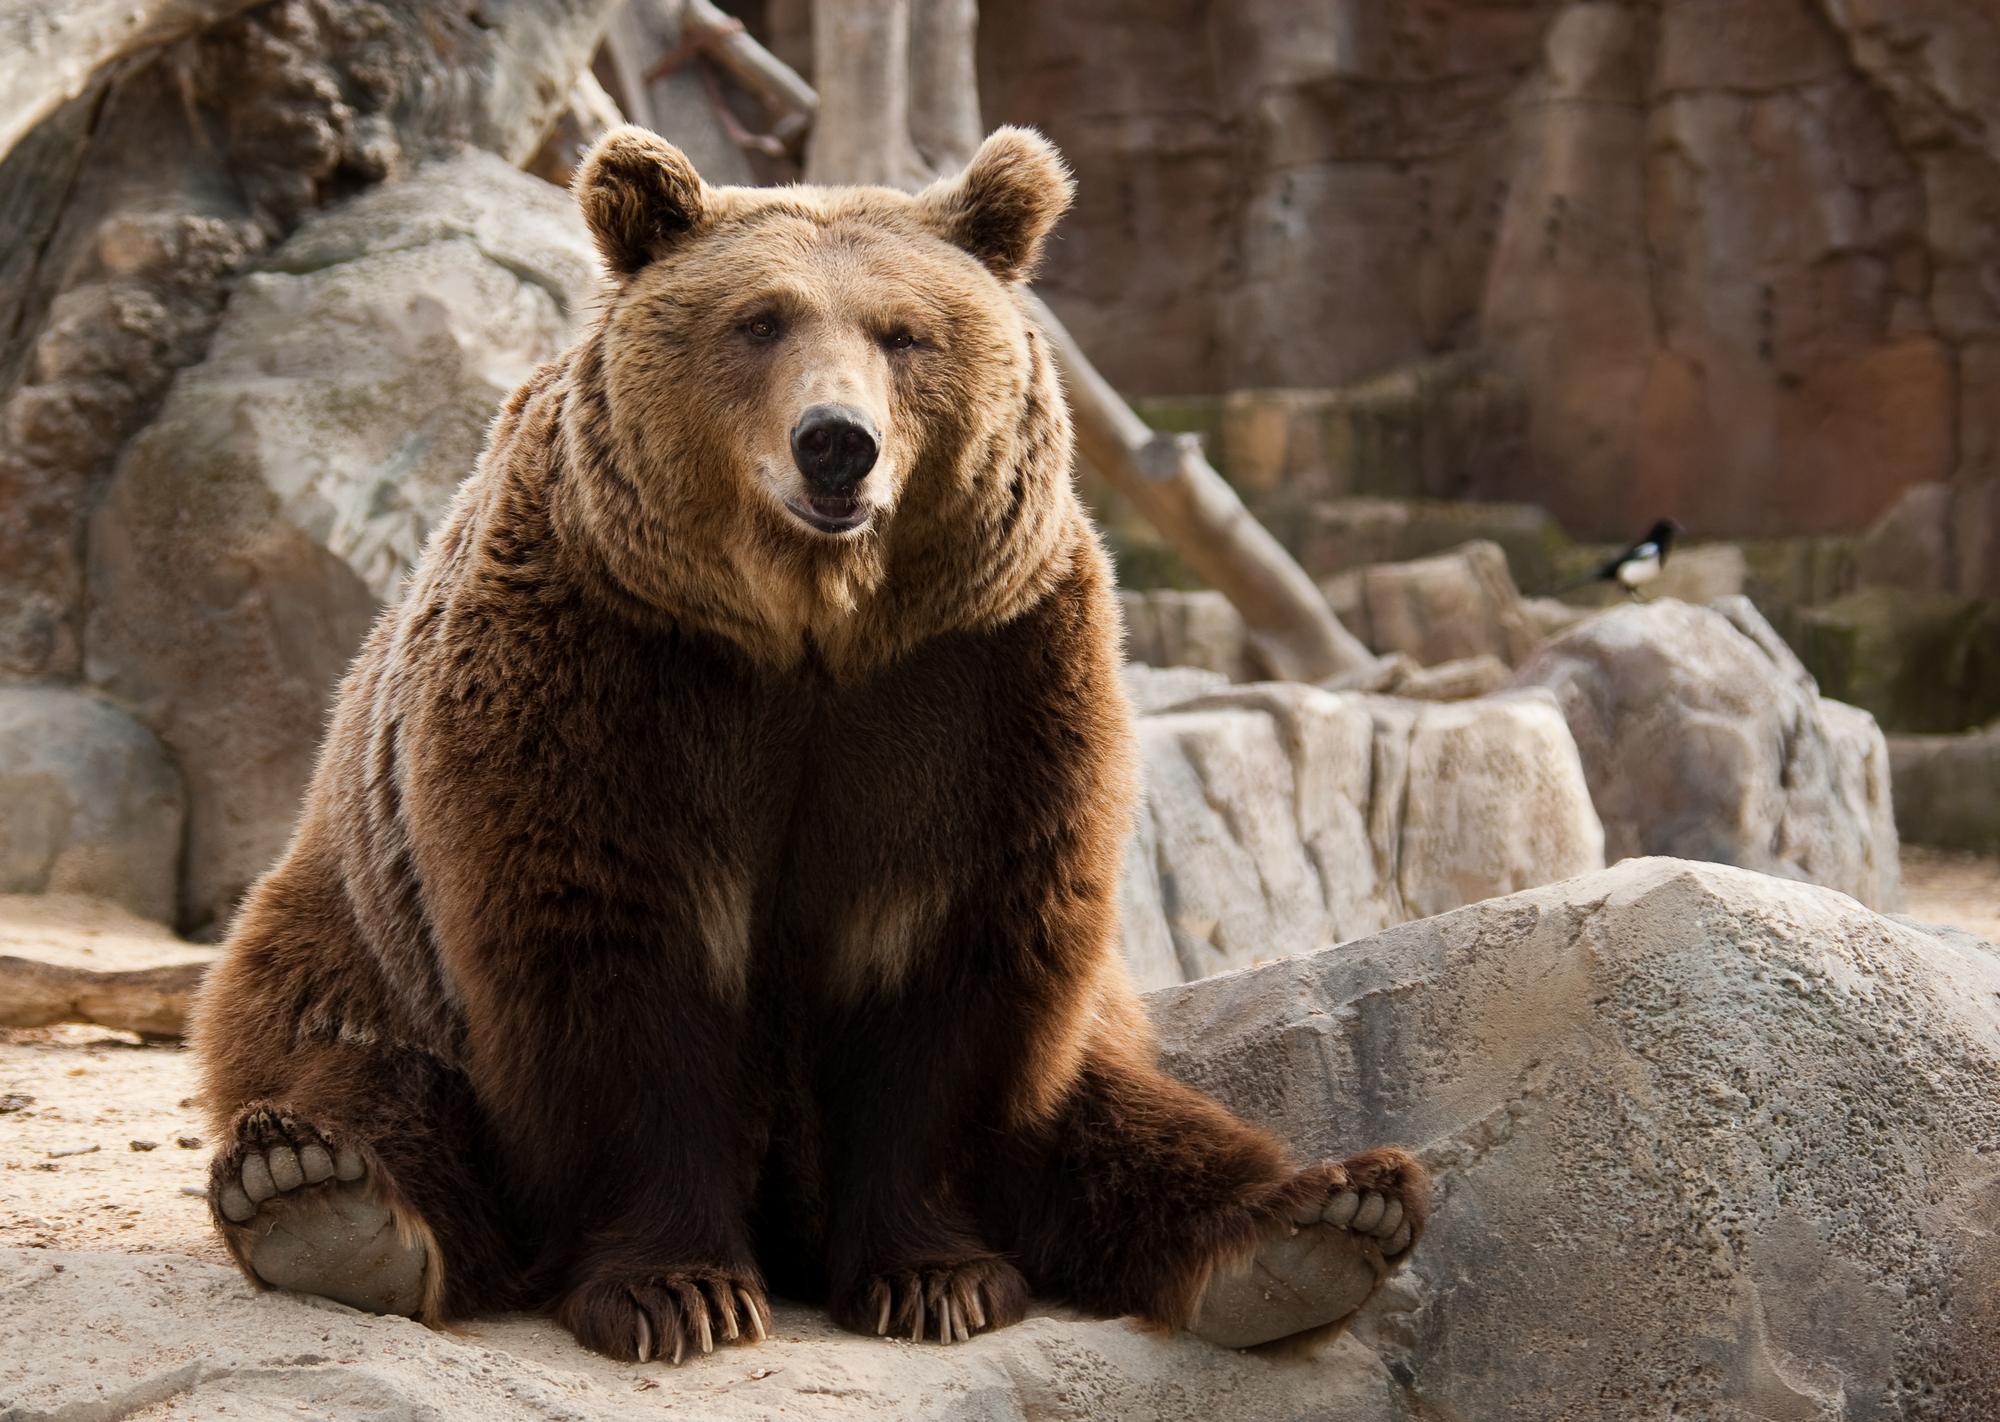 В цирке в Подмосковье медведь напал на дрессировщика и ребенка